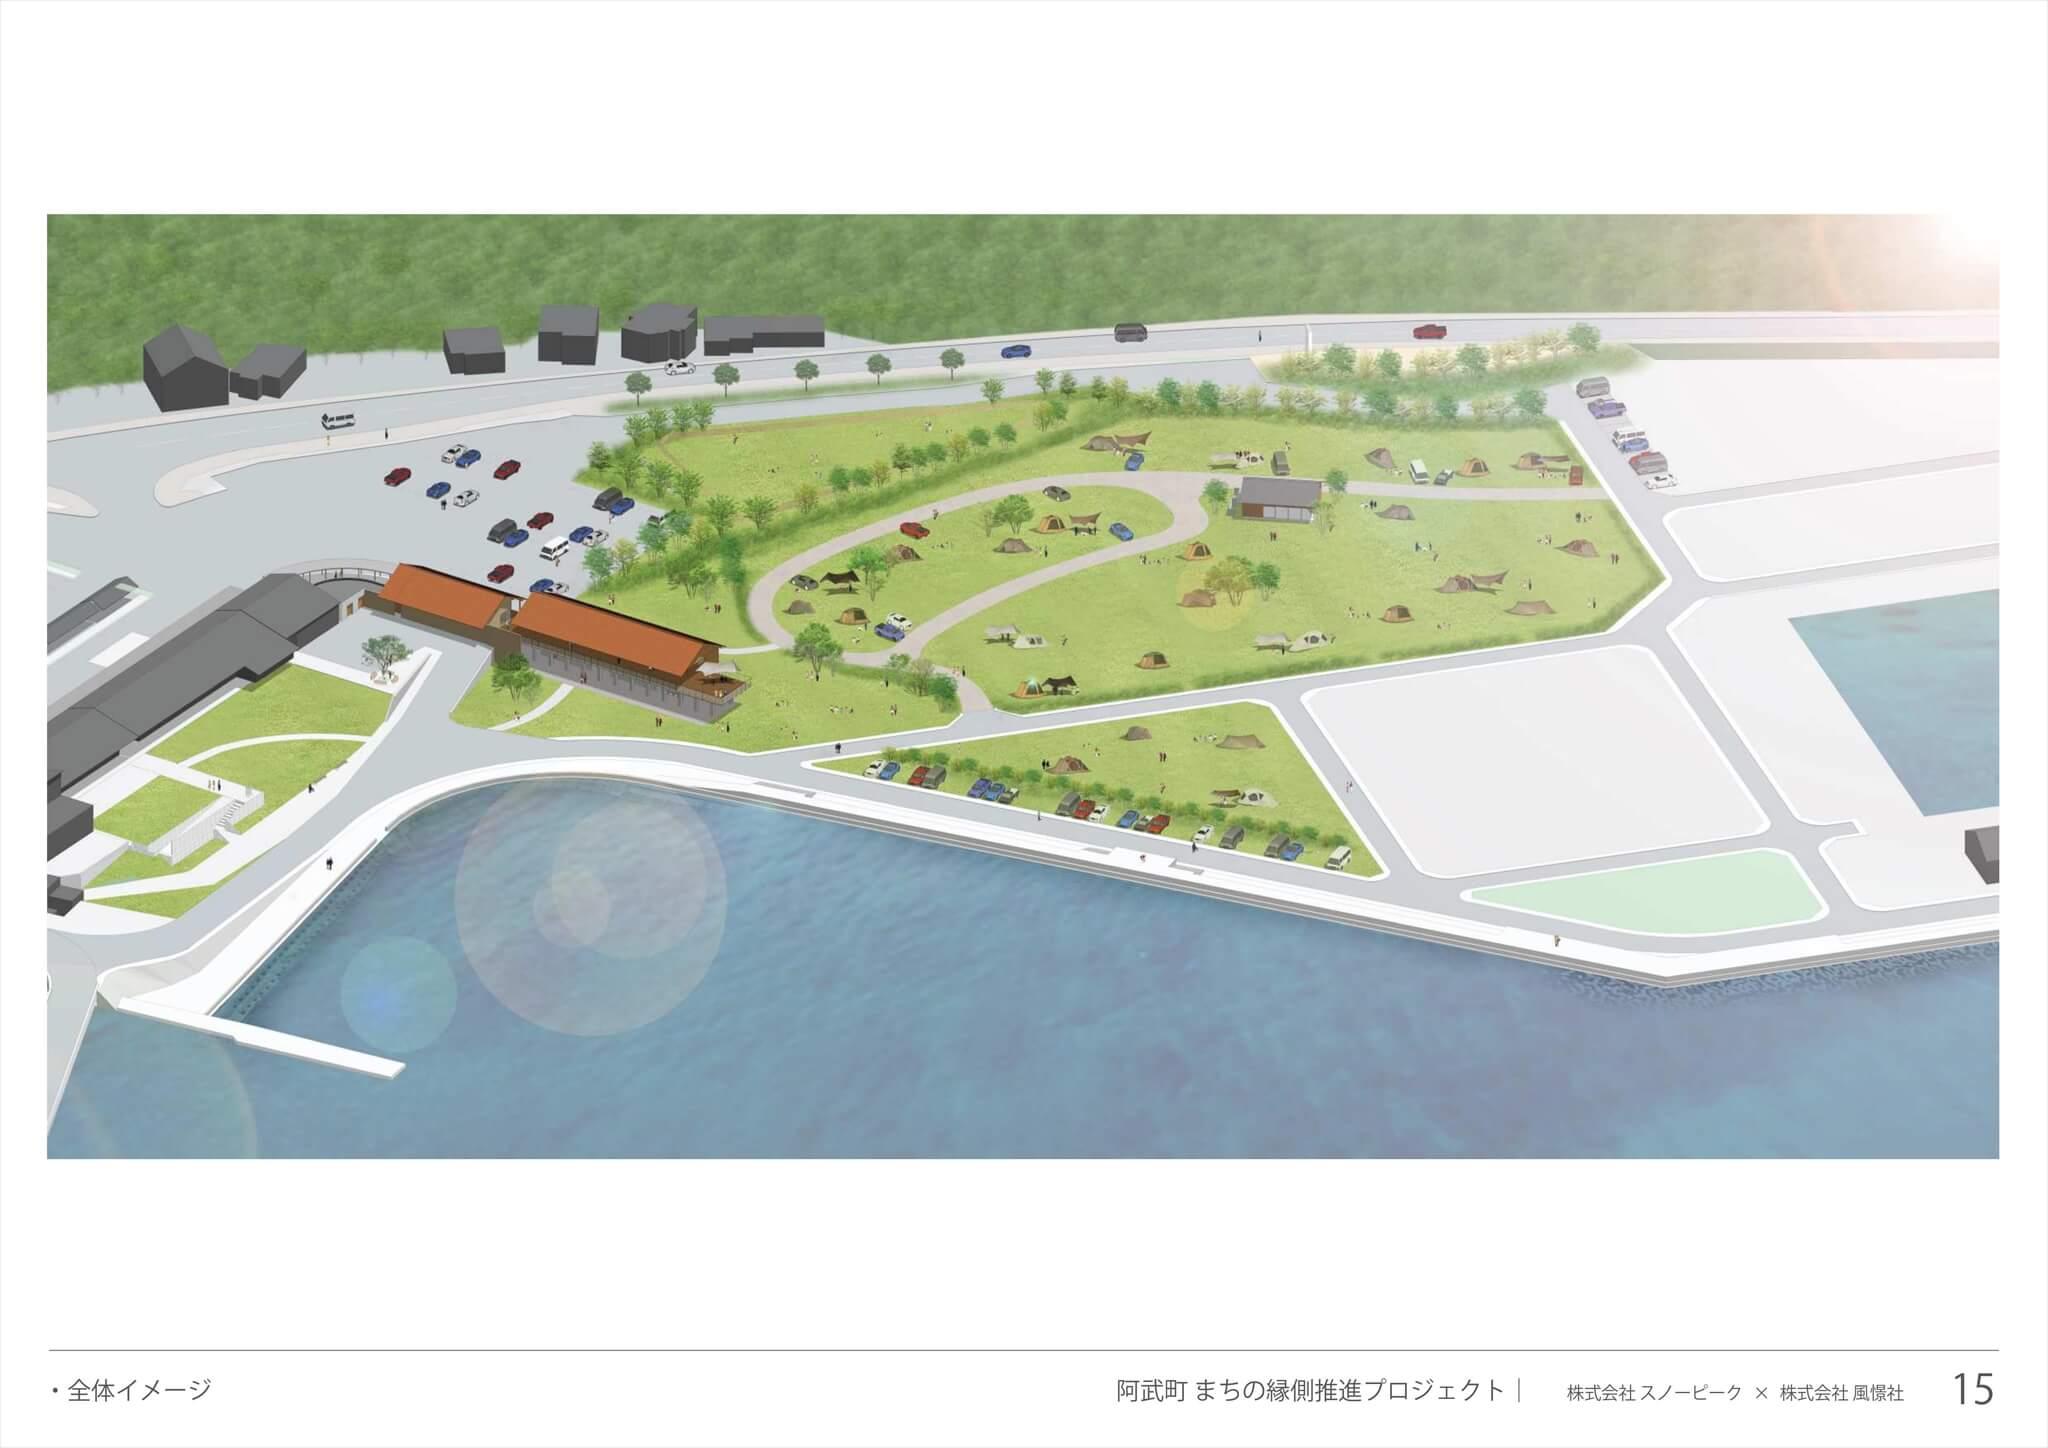 山口県阿武町の滞在型交流拠点の完成予想図